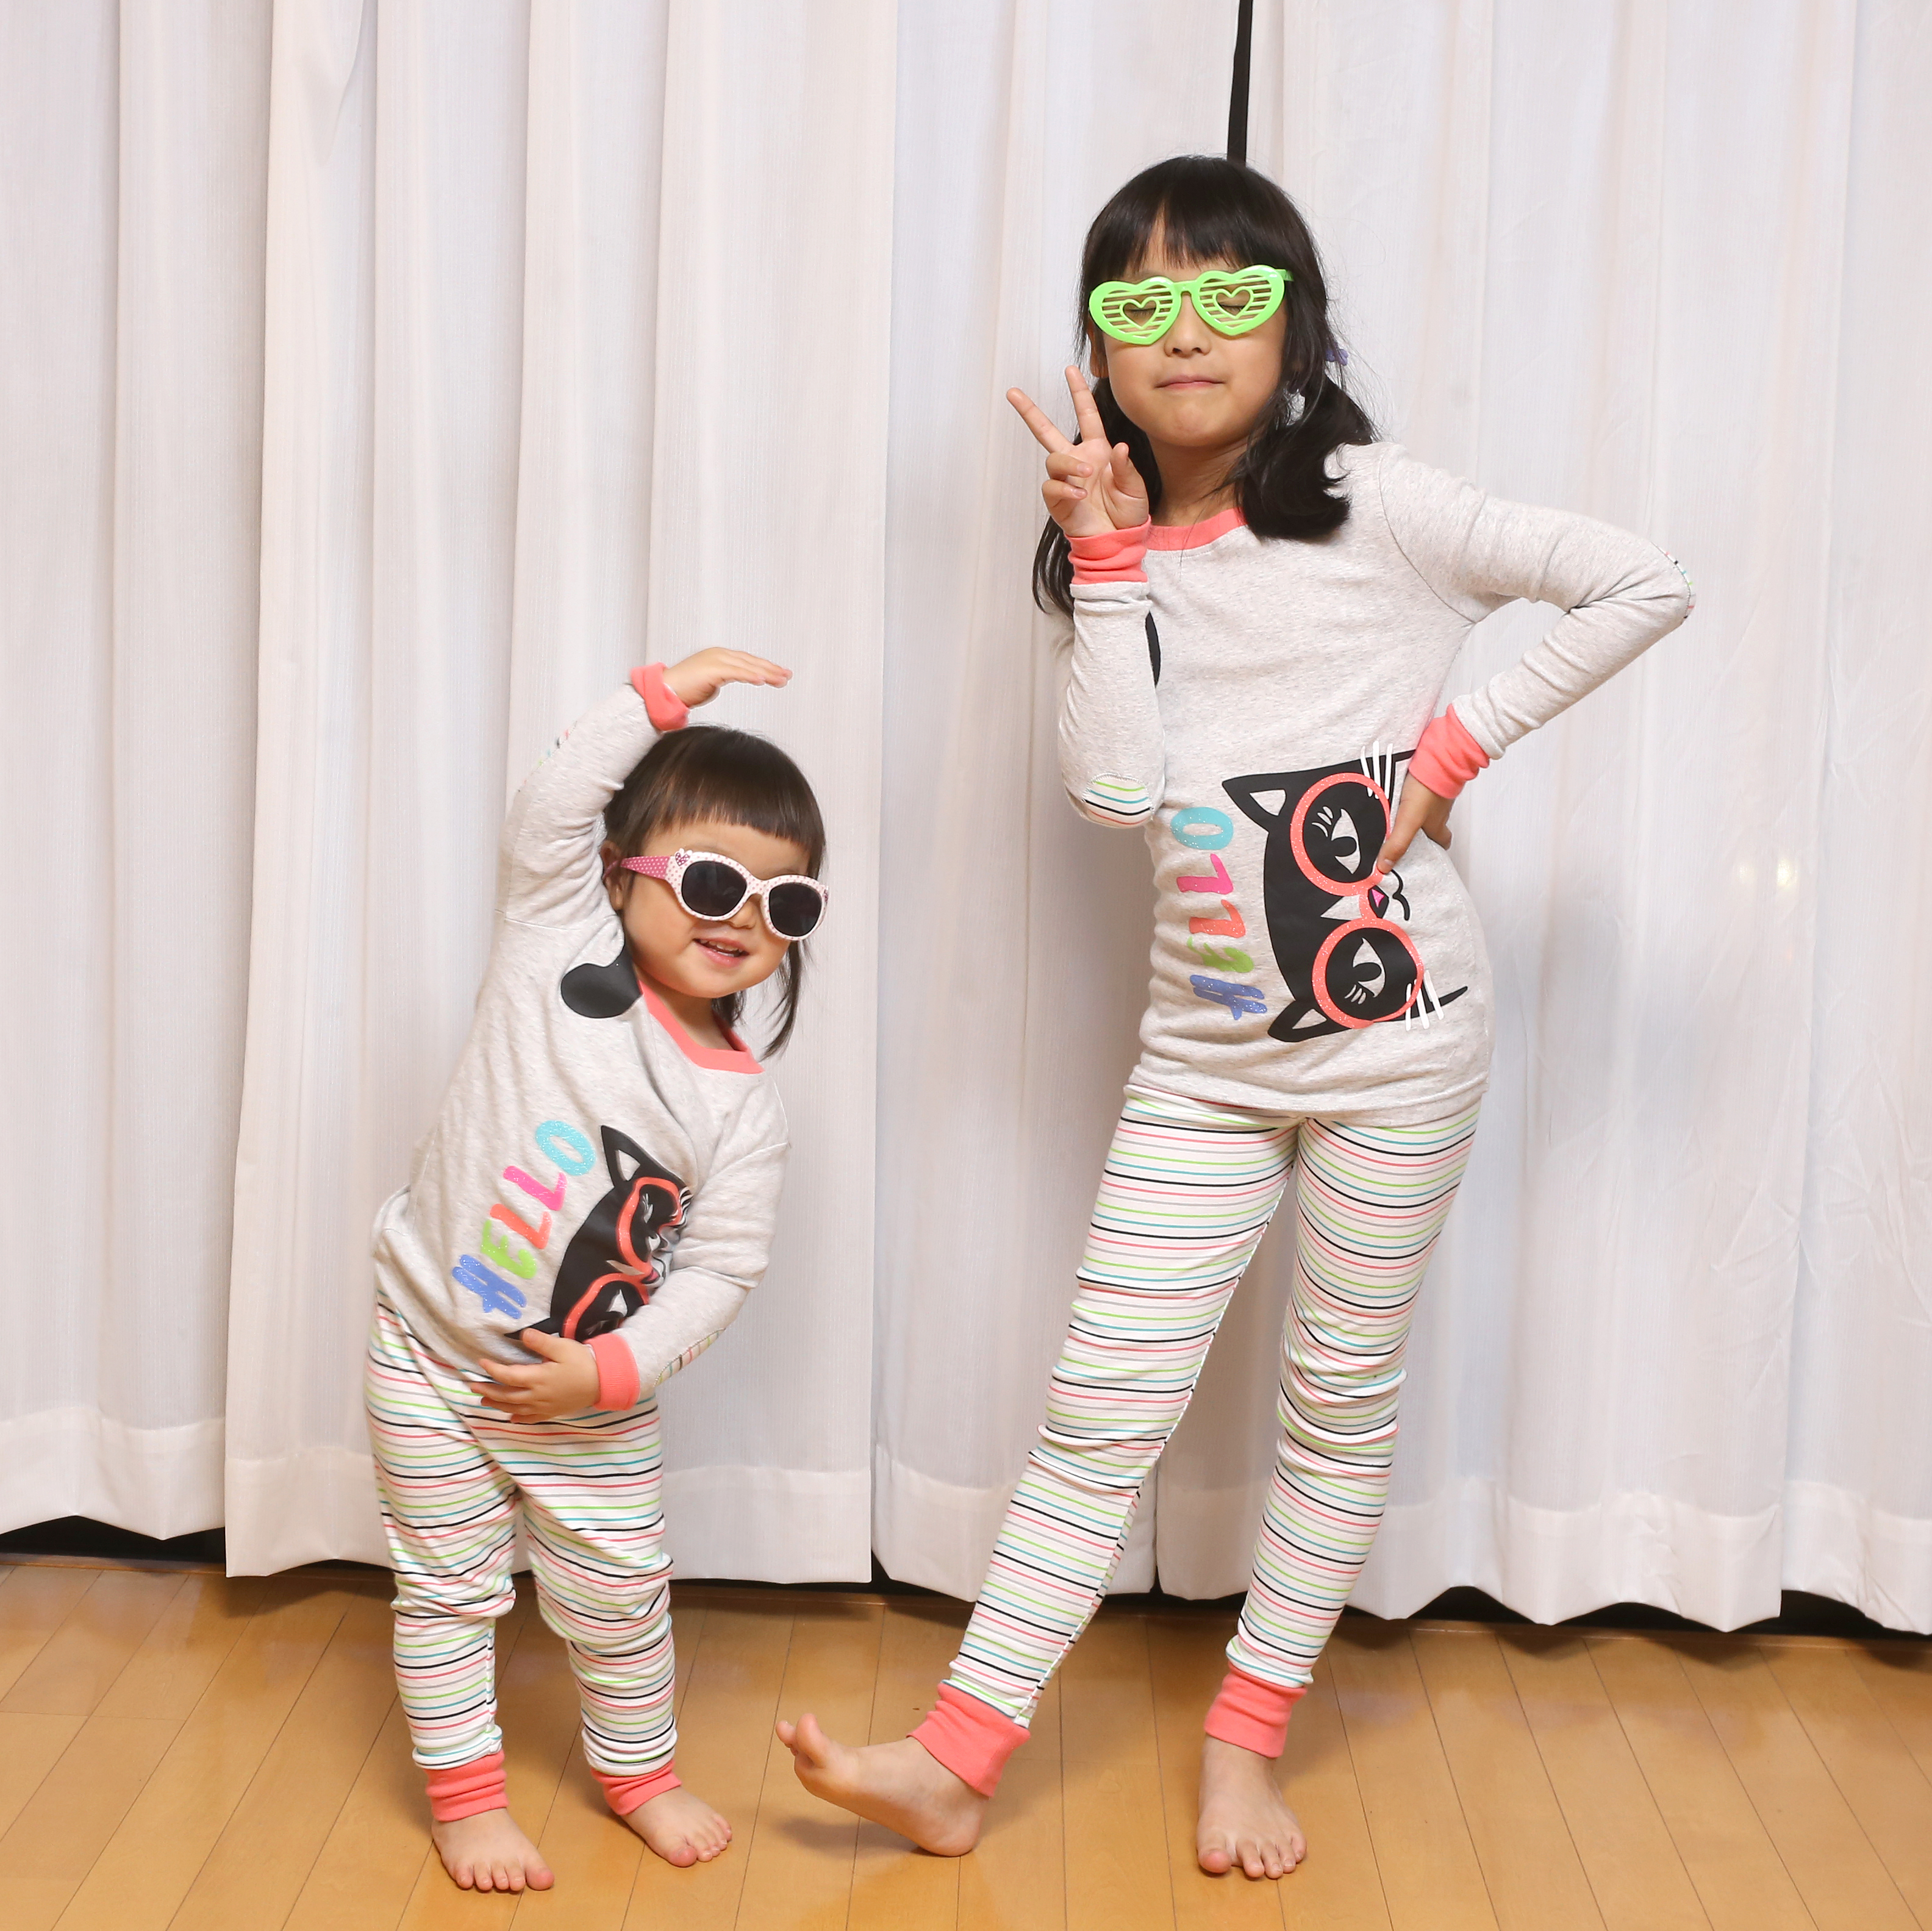 カークランドシグネチャー キッズパジャマセット4P 子どもたちに着せてみた